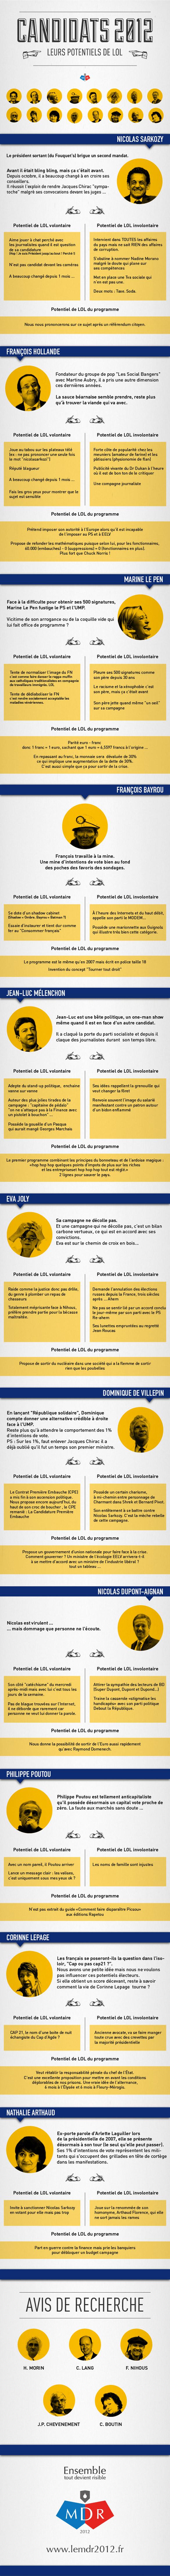 lulz Infographie sur le potentiel de LOL des candidats aux Présidentielles en 2012 !